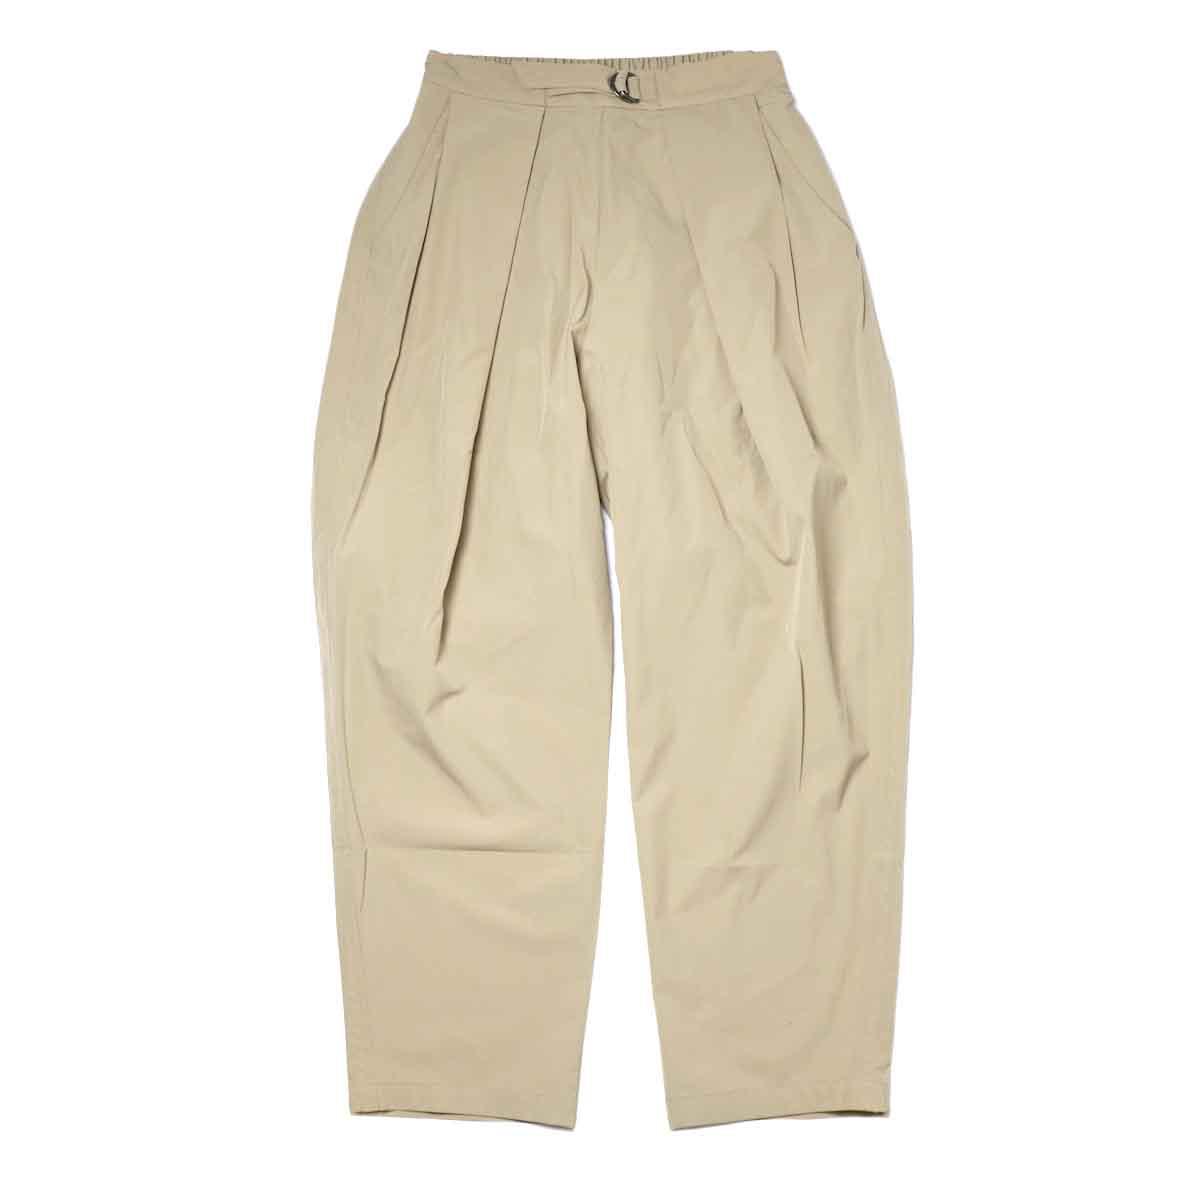 KHA:KI / SIDE WRAP BELTED PANTS (Beige)